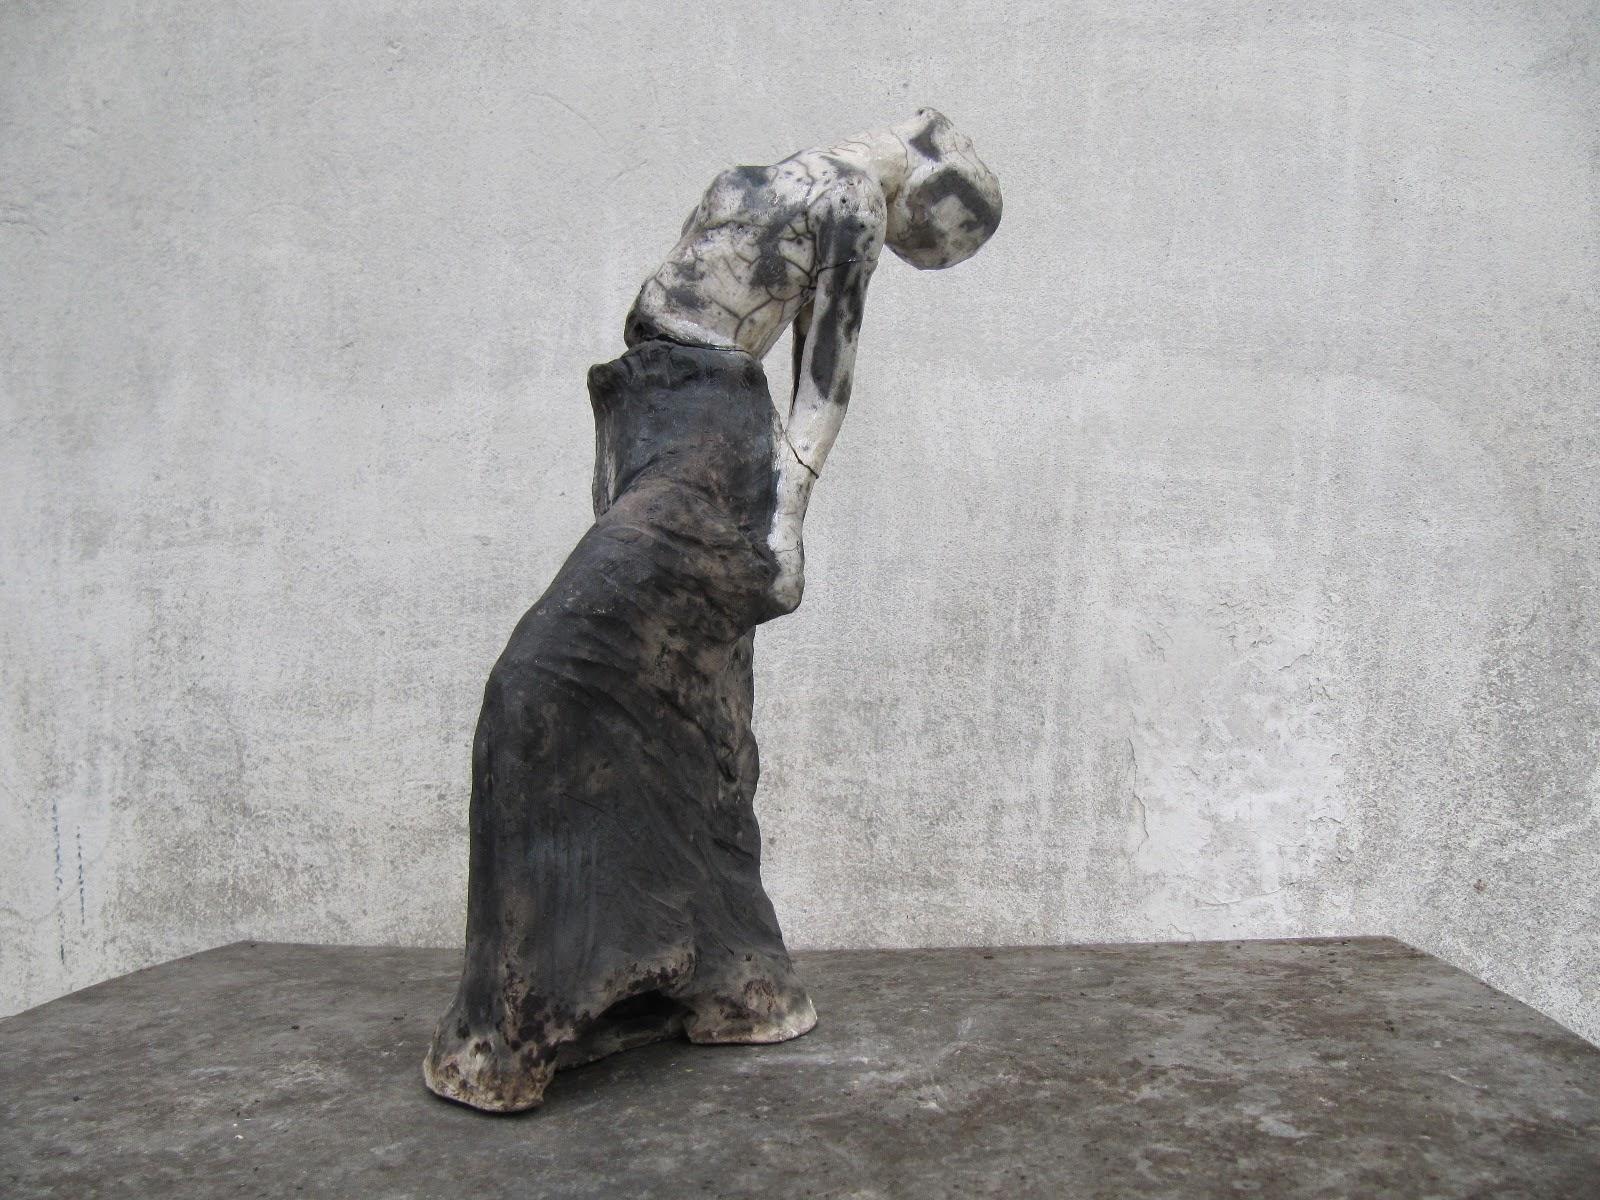 rzeźba współczesna przedstwiająca kobietę odchyloną do tyłu